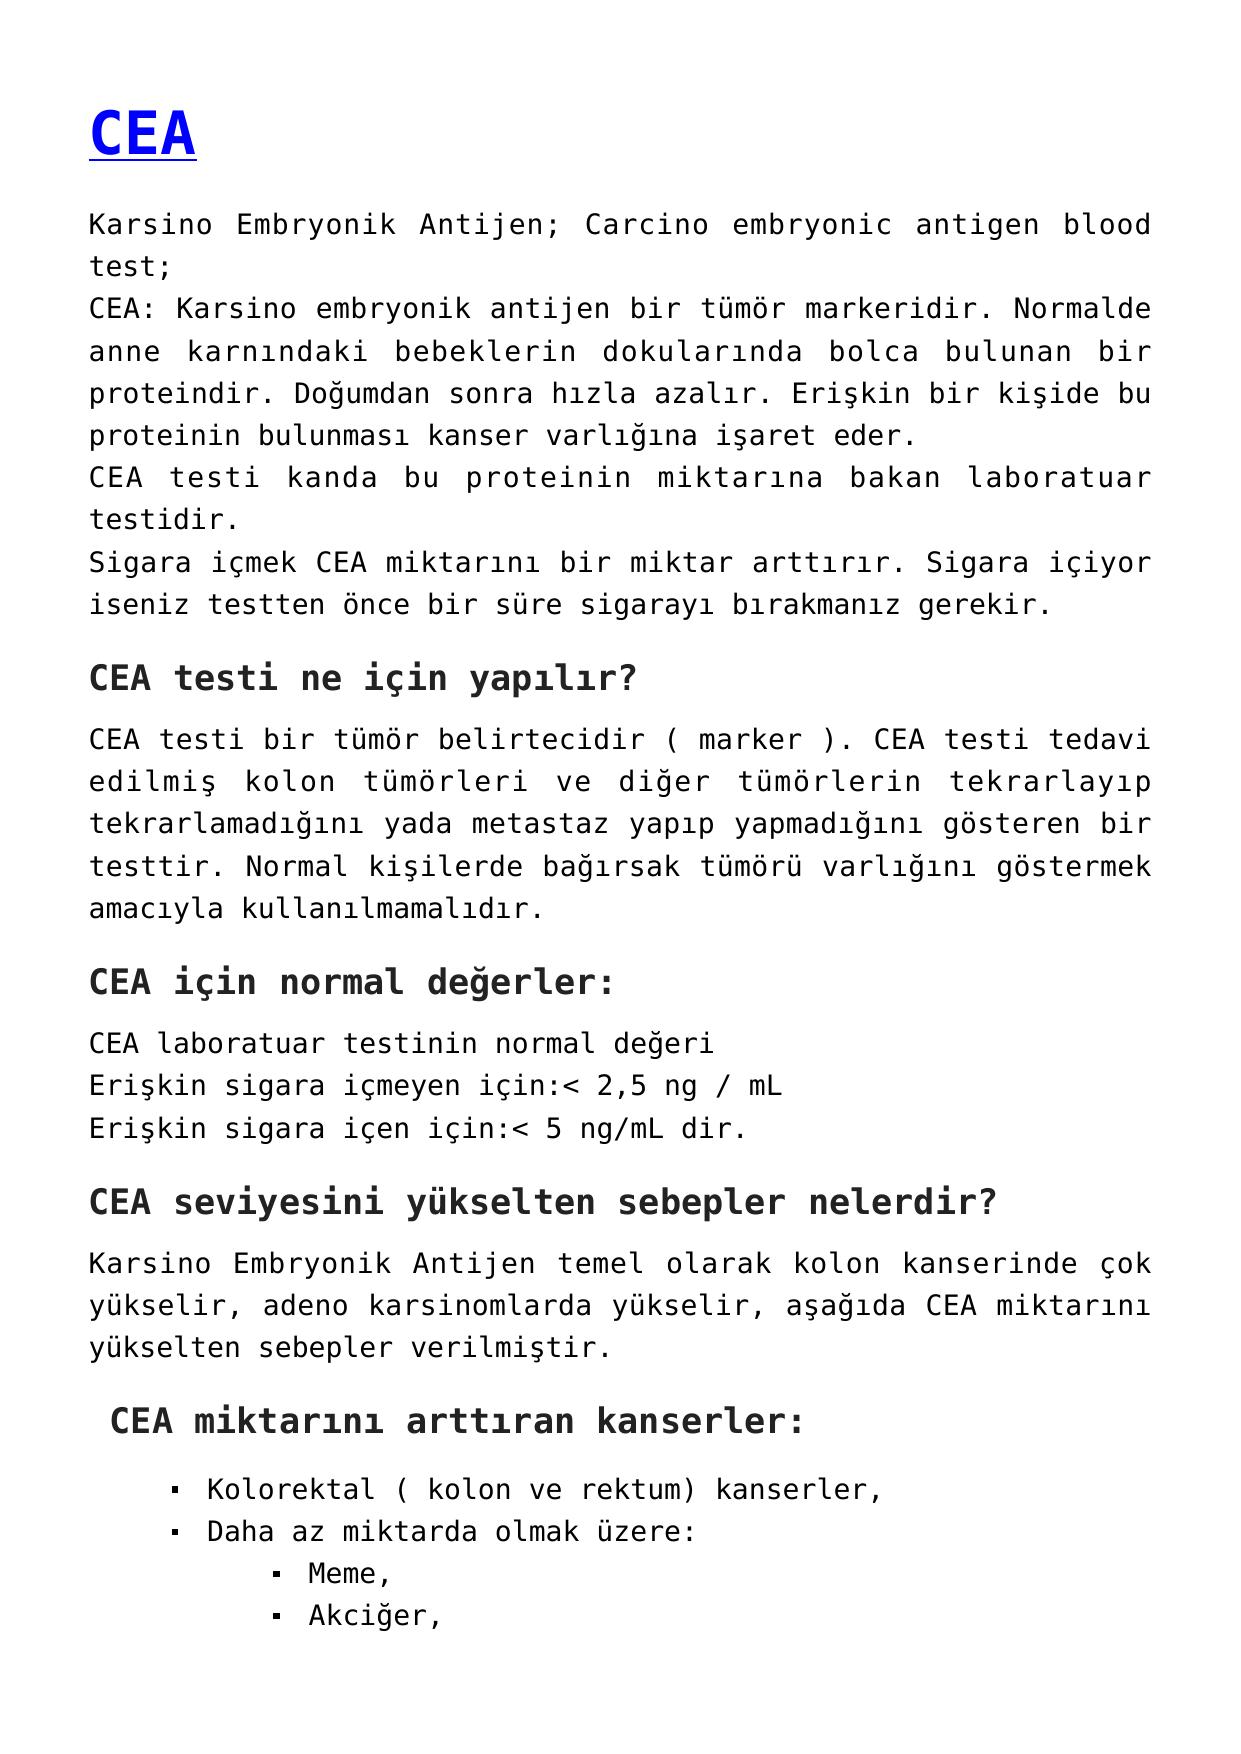 CEA Normal Değeri Nedir, CEA Testi Neden Yapılır